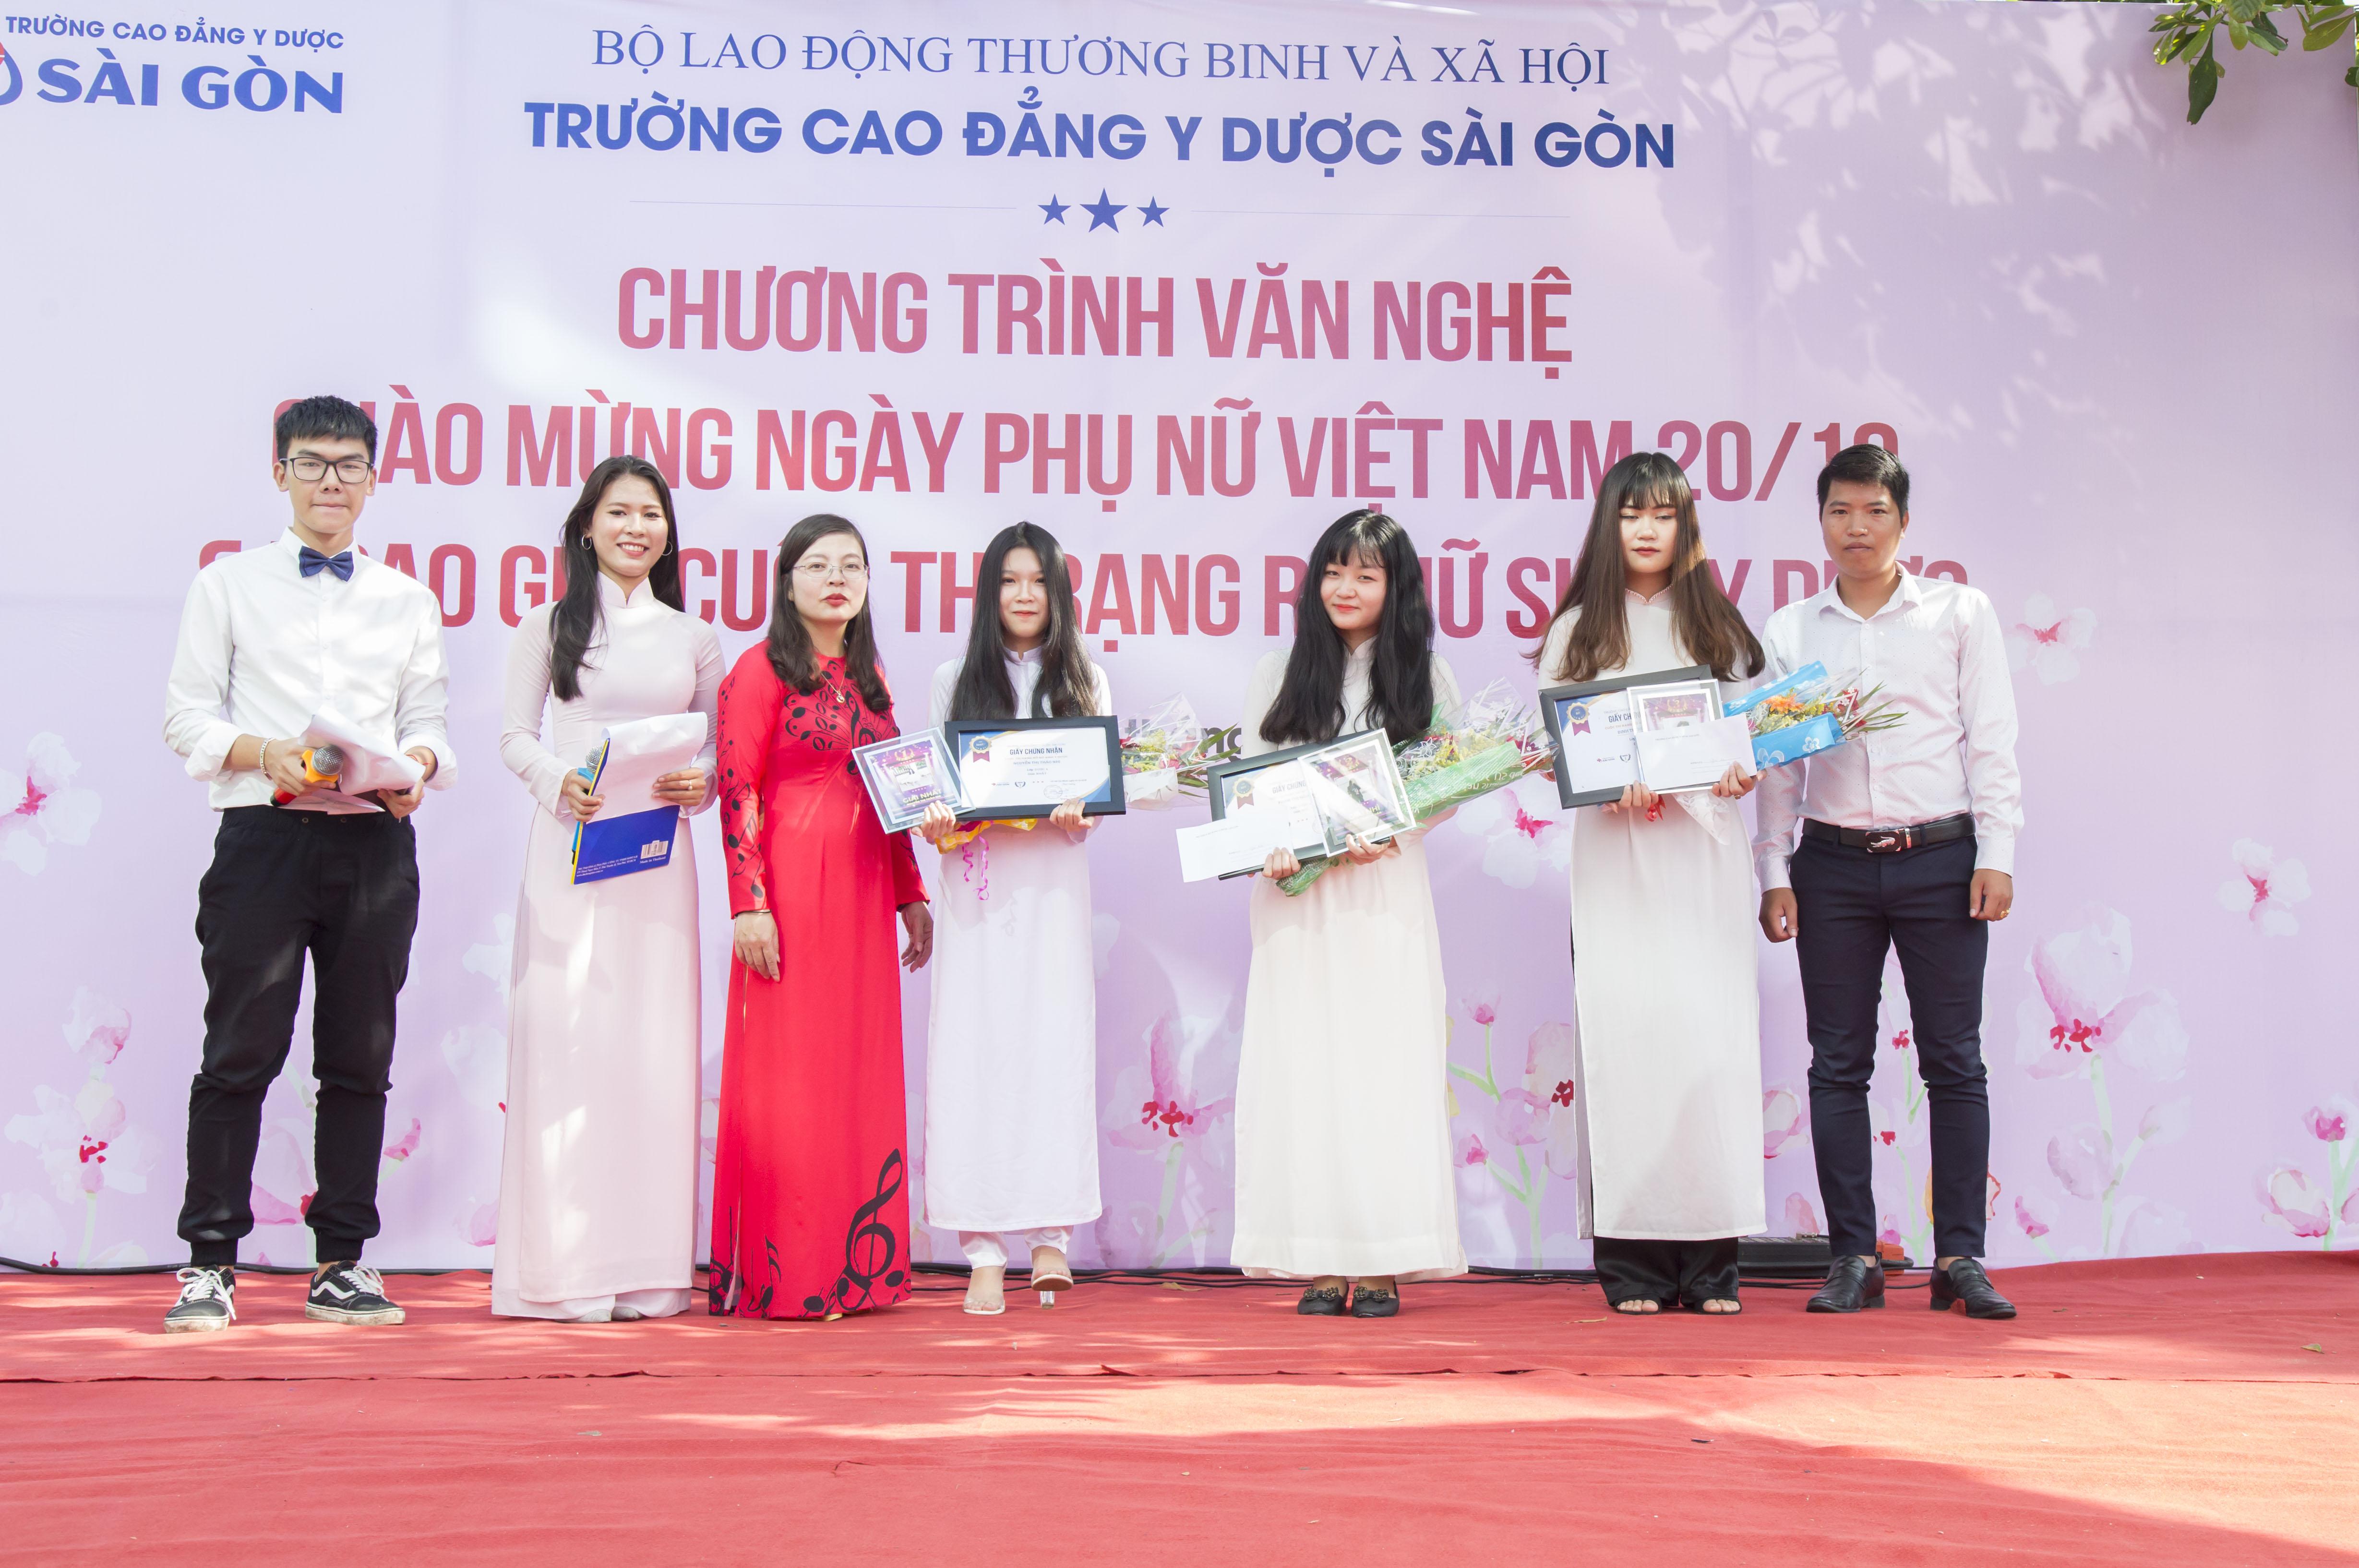 Trường Cao đẳng Y Dược Sài Gòn hưởng ứng ngày Phụ nữ Việt Nam 20/10 14